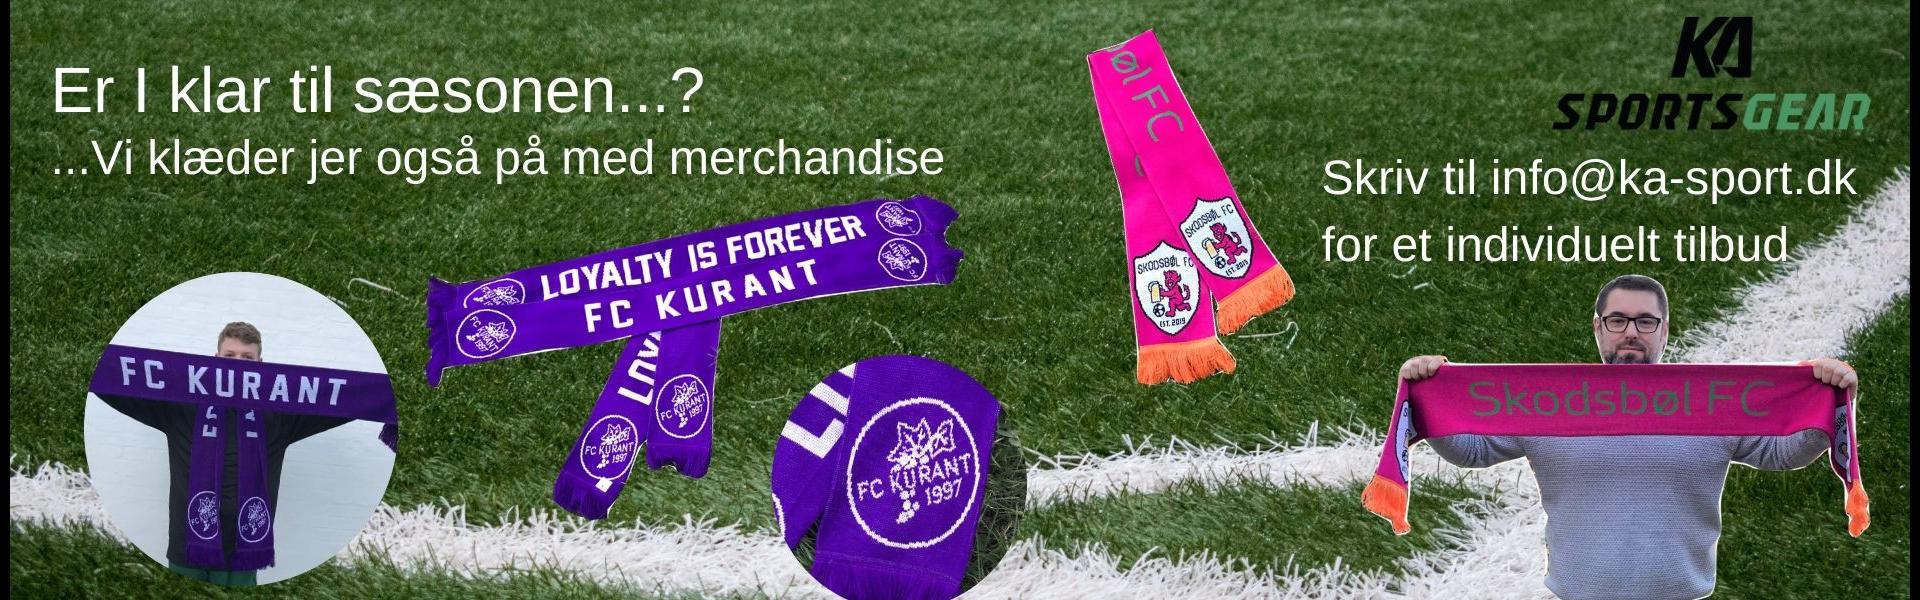 Merchandise til klubben - halstørklæder, caps, pins, håndklæder og meget mere